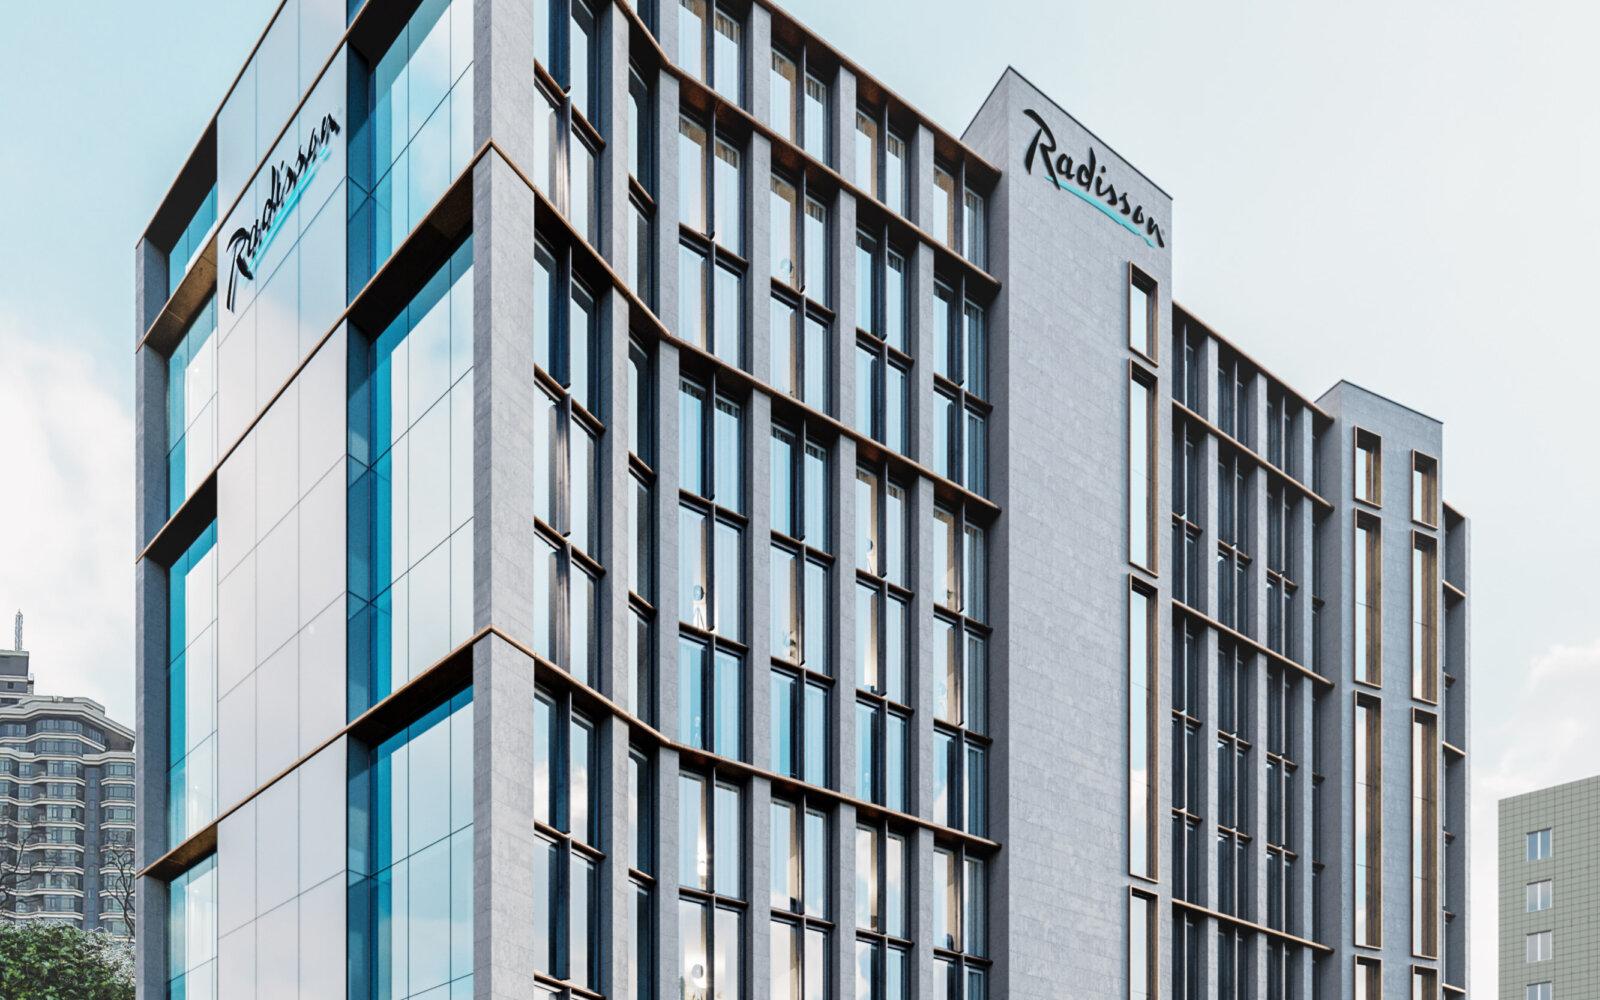 Radisson Hotel, Kyiv